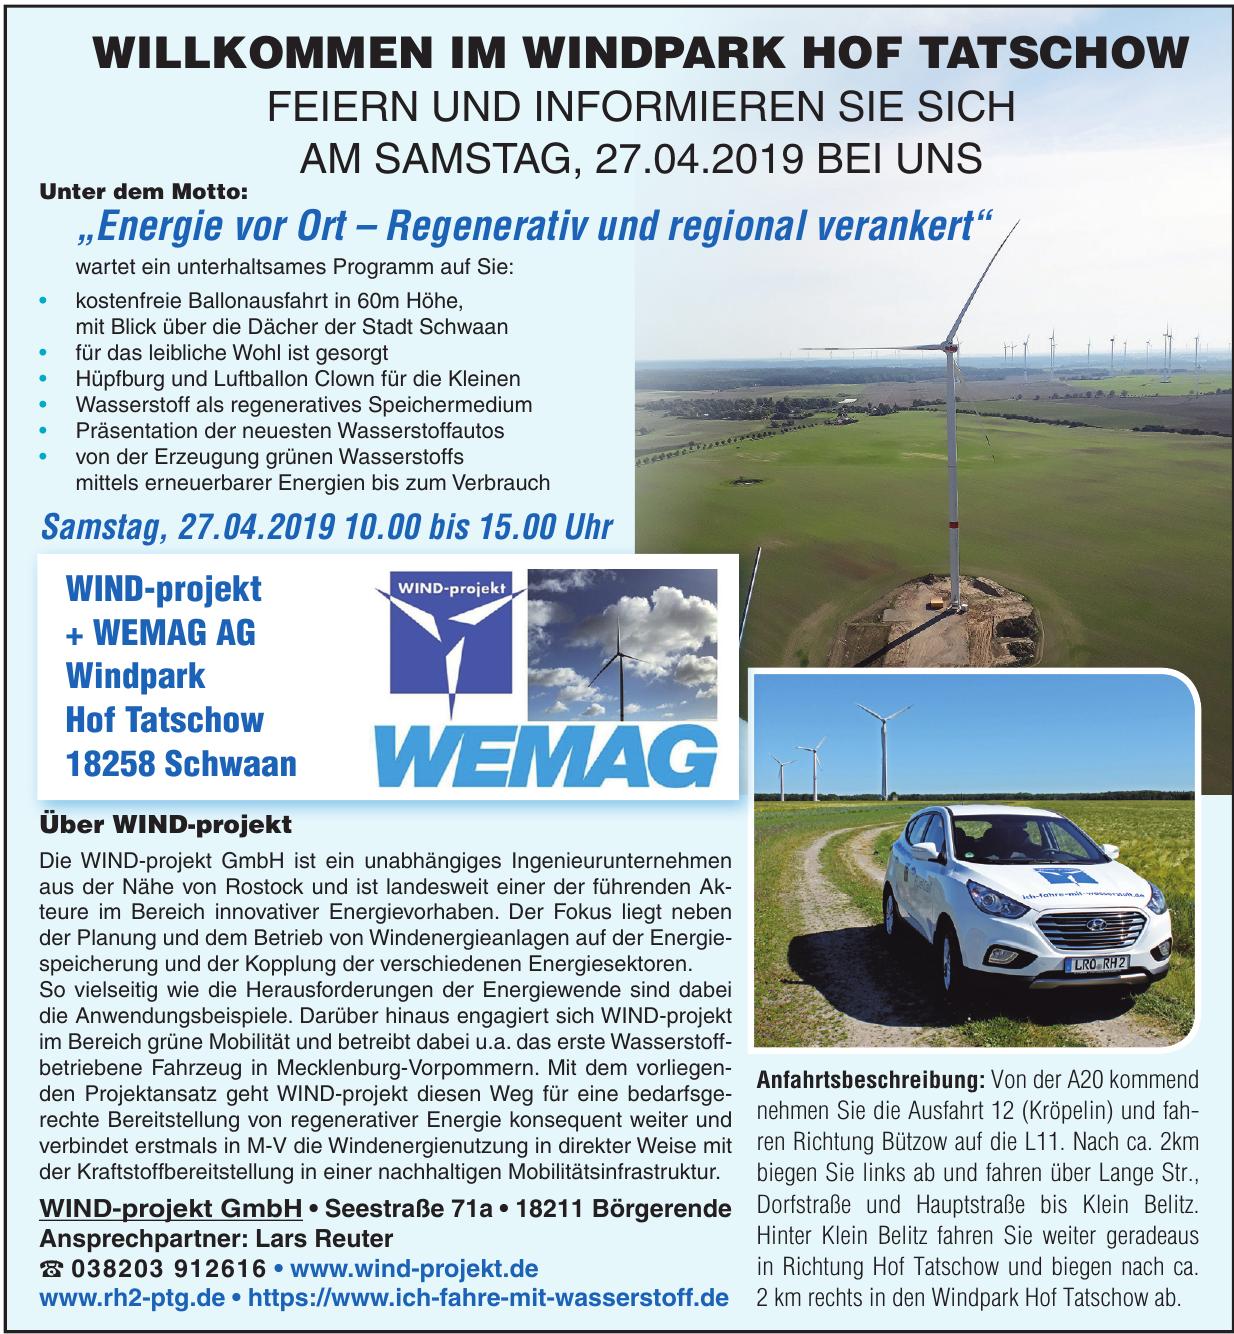 WIND-projekt GmbH